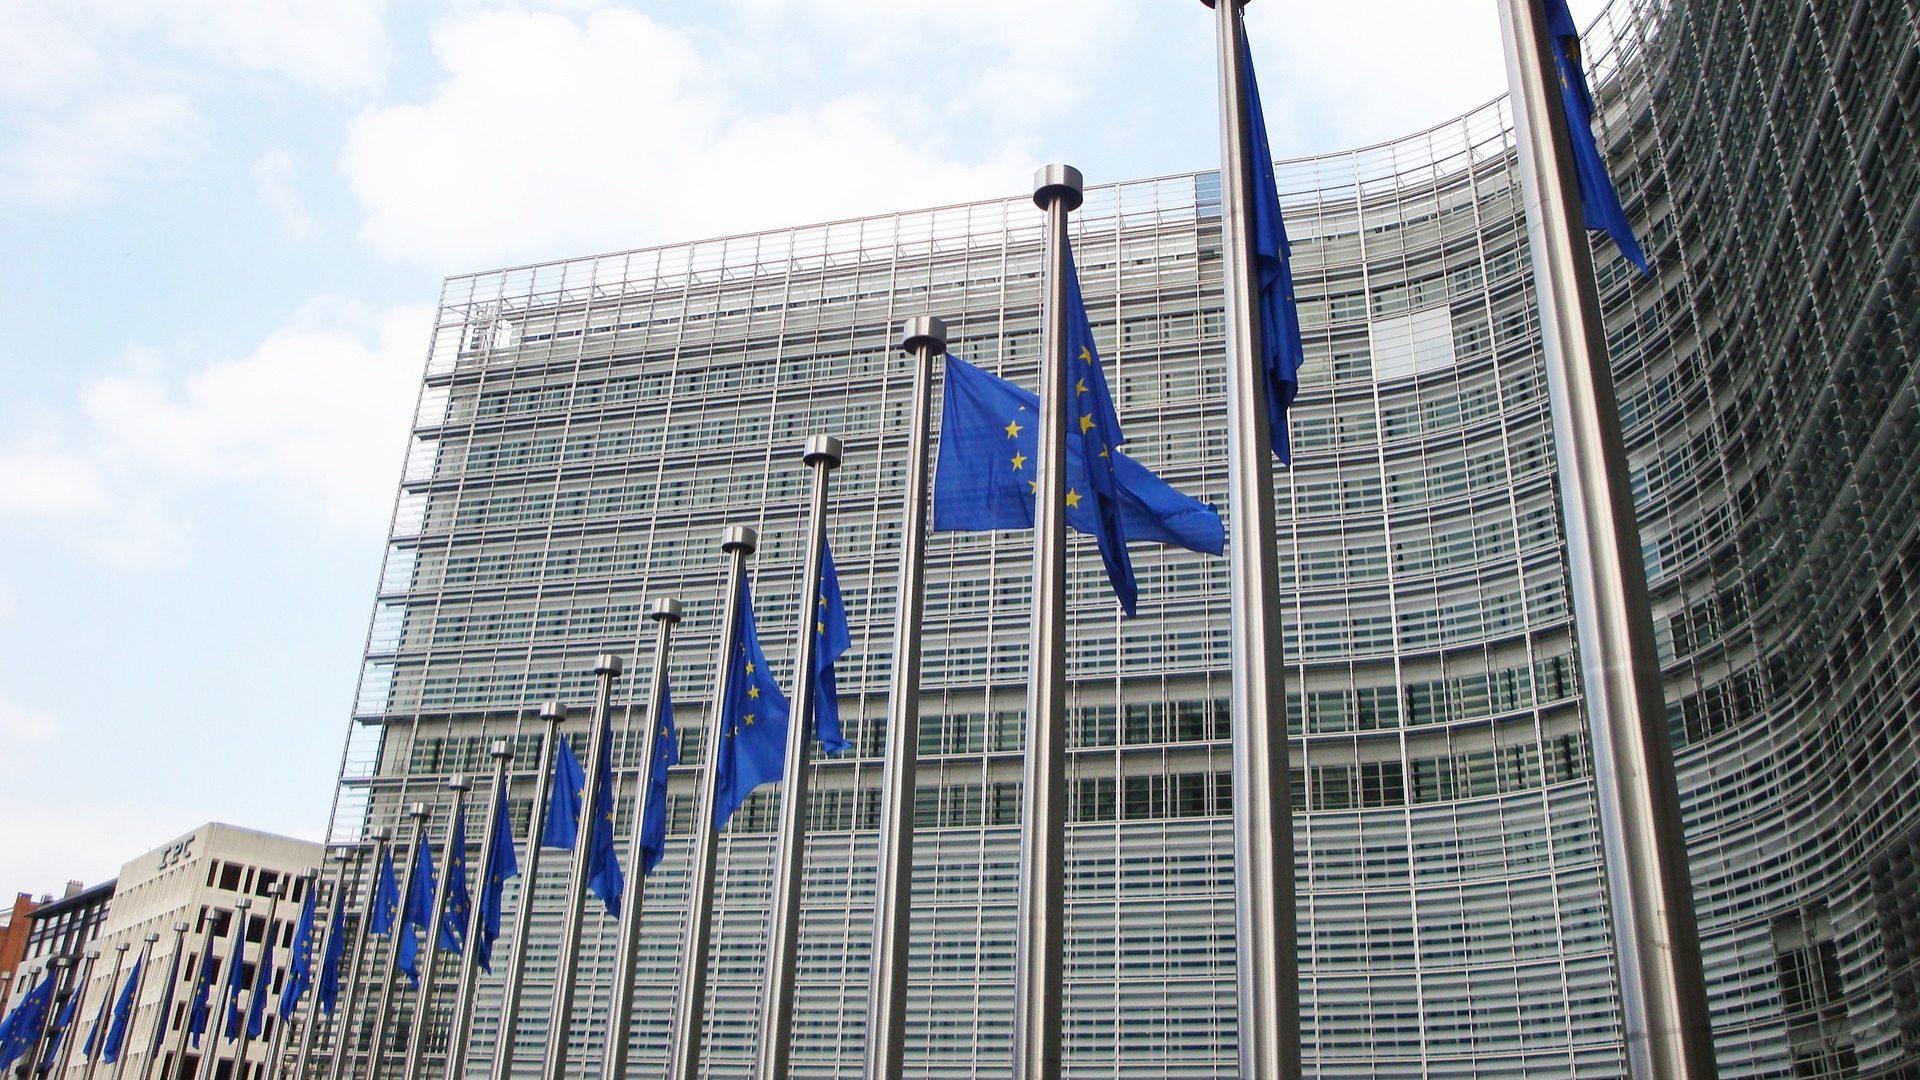 Comissão Europeia examina suspeitas de cartel na indústria automóvel alemã